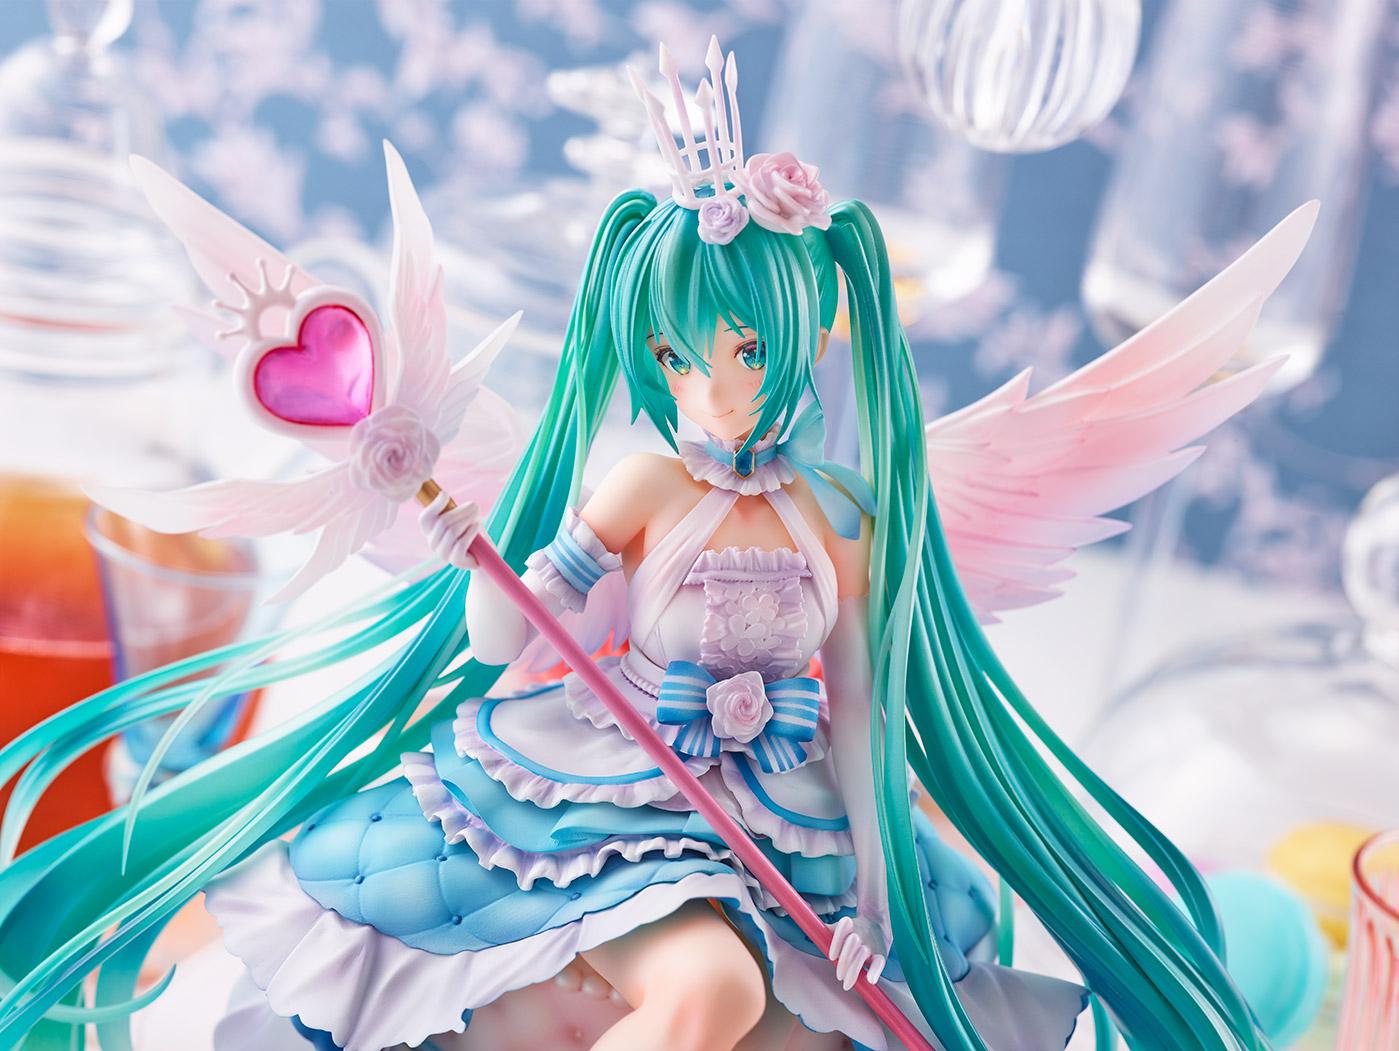 【限定販売】初音ミク『Birthday 2020~Sweet Angel ver.~』1/7 完成品フィギュア-004